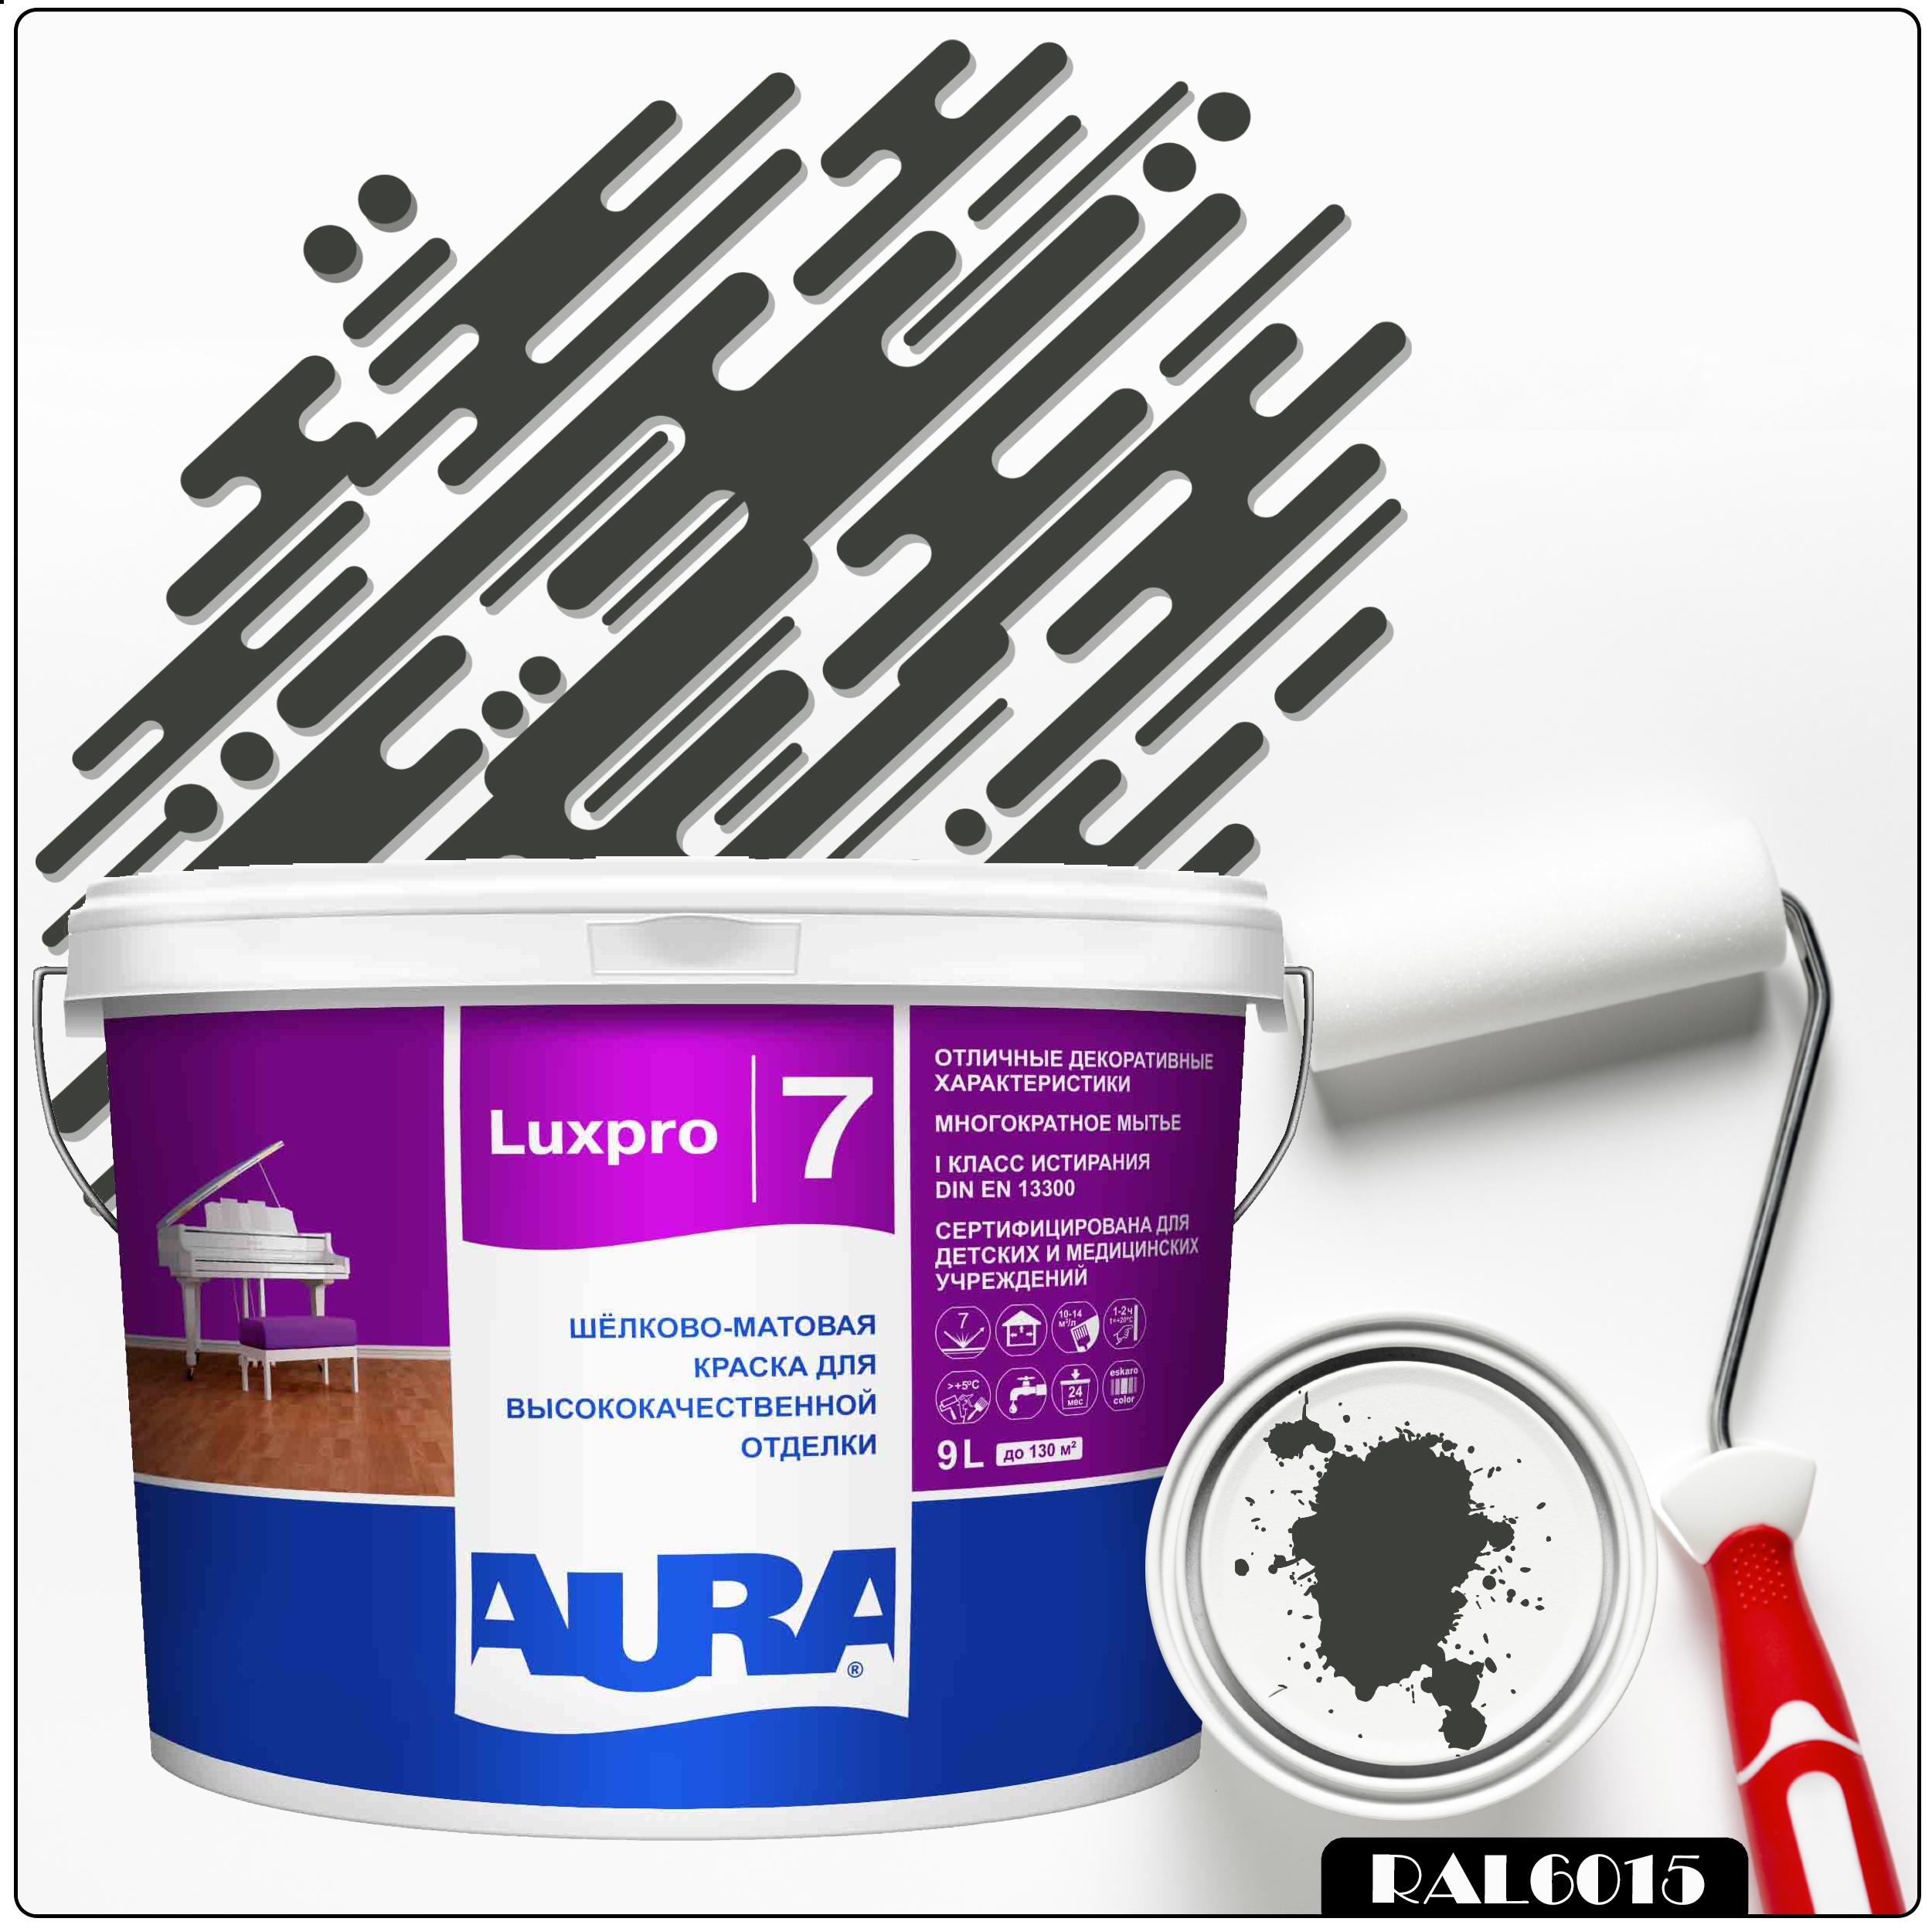 Фото 16 - Краска Aura LuxPRO 7, RAL 6015 Чёрно-оливковый, латексная, шелково-матовая, интерьерная, 9л, Аура.